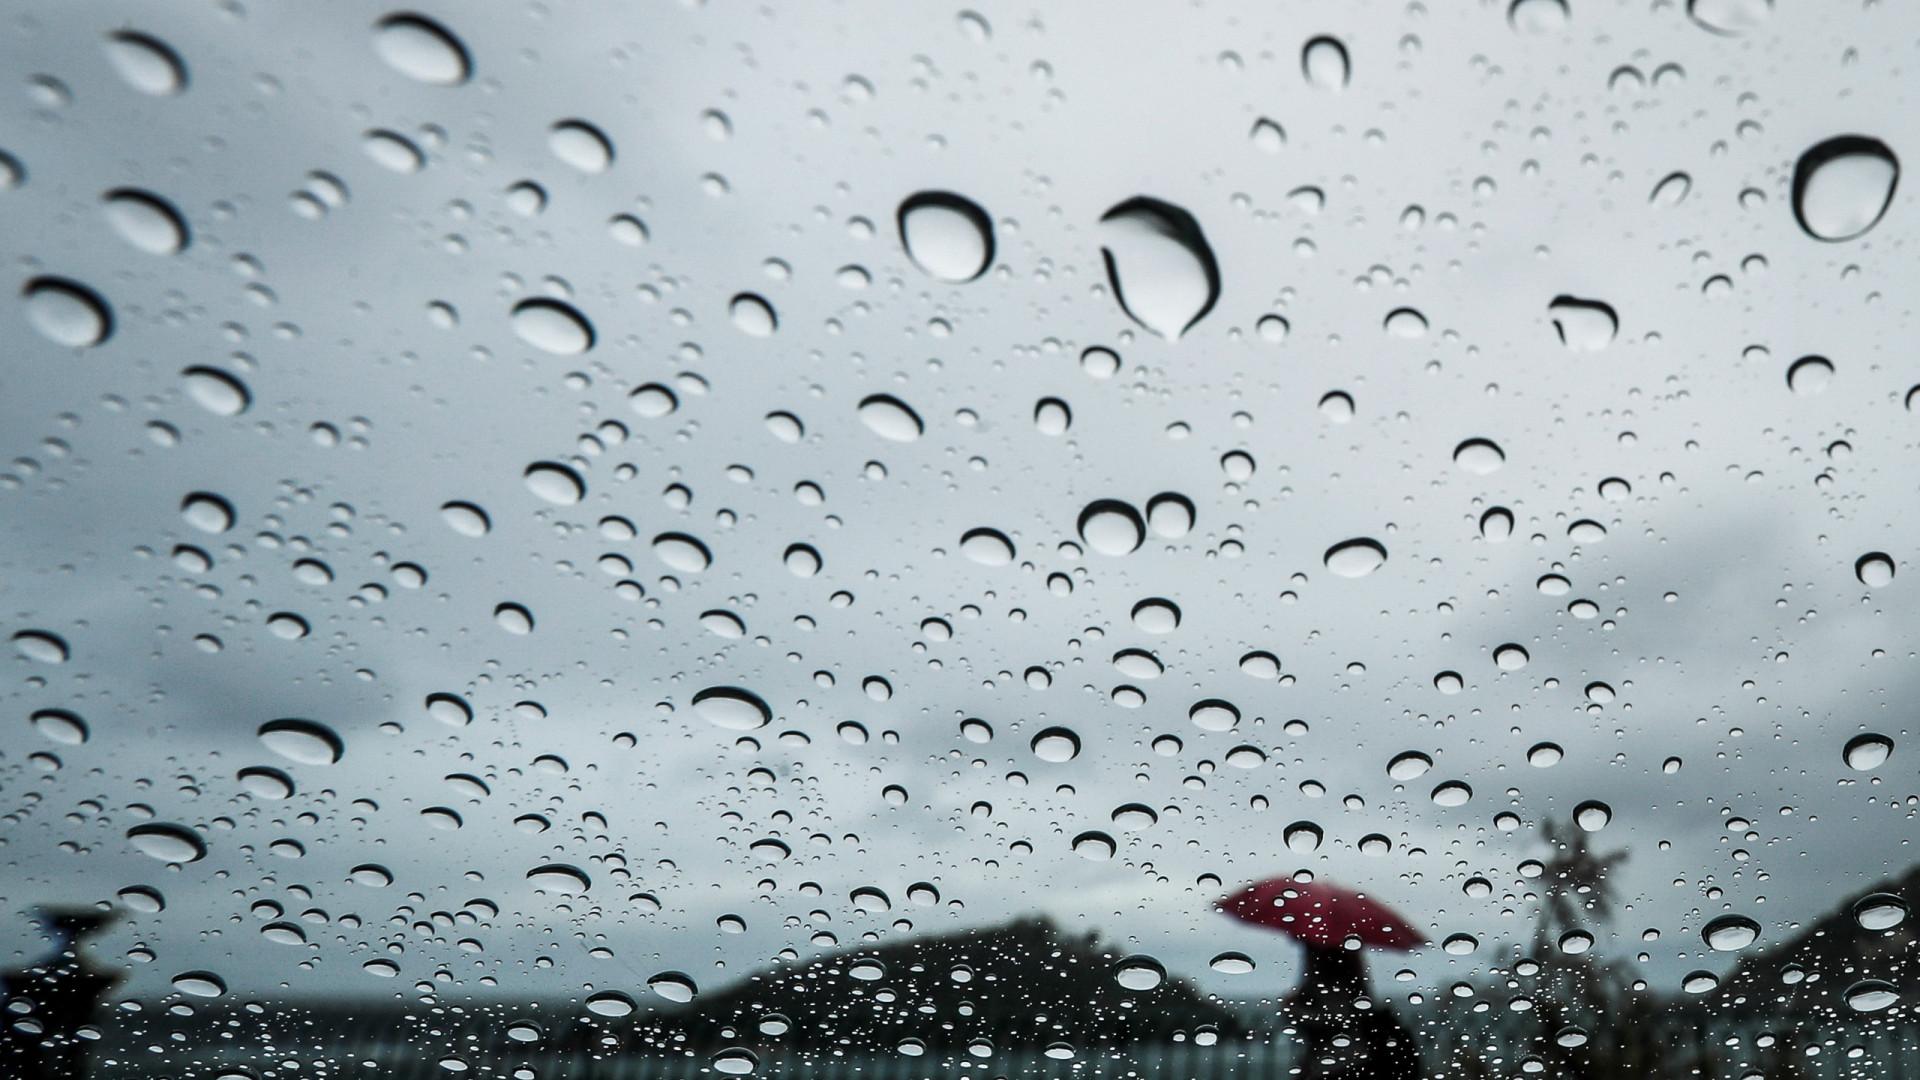 Depois de Hortense, Ignacio. Chuva deixa seis distritos em alerta